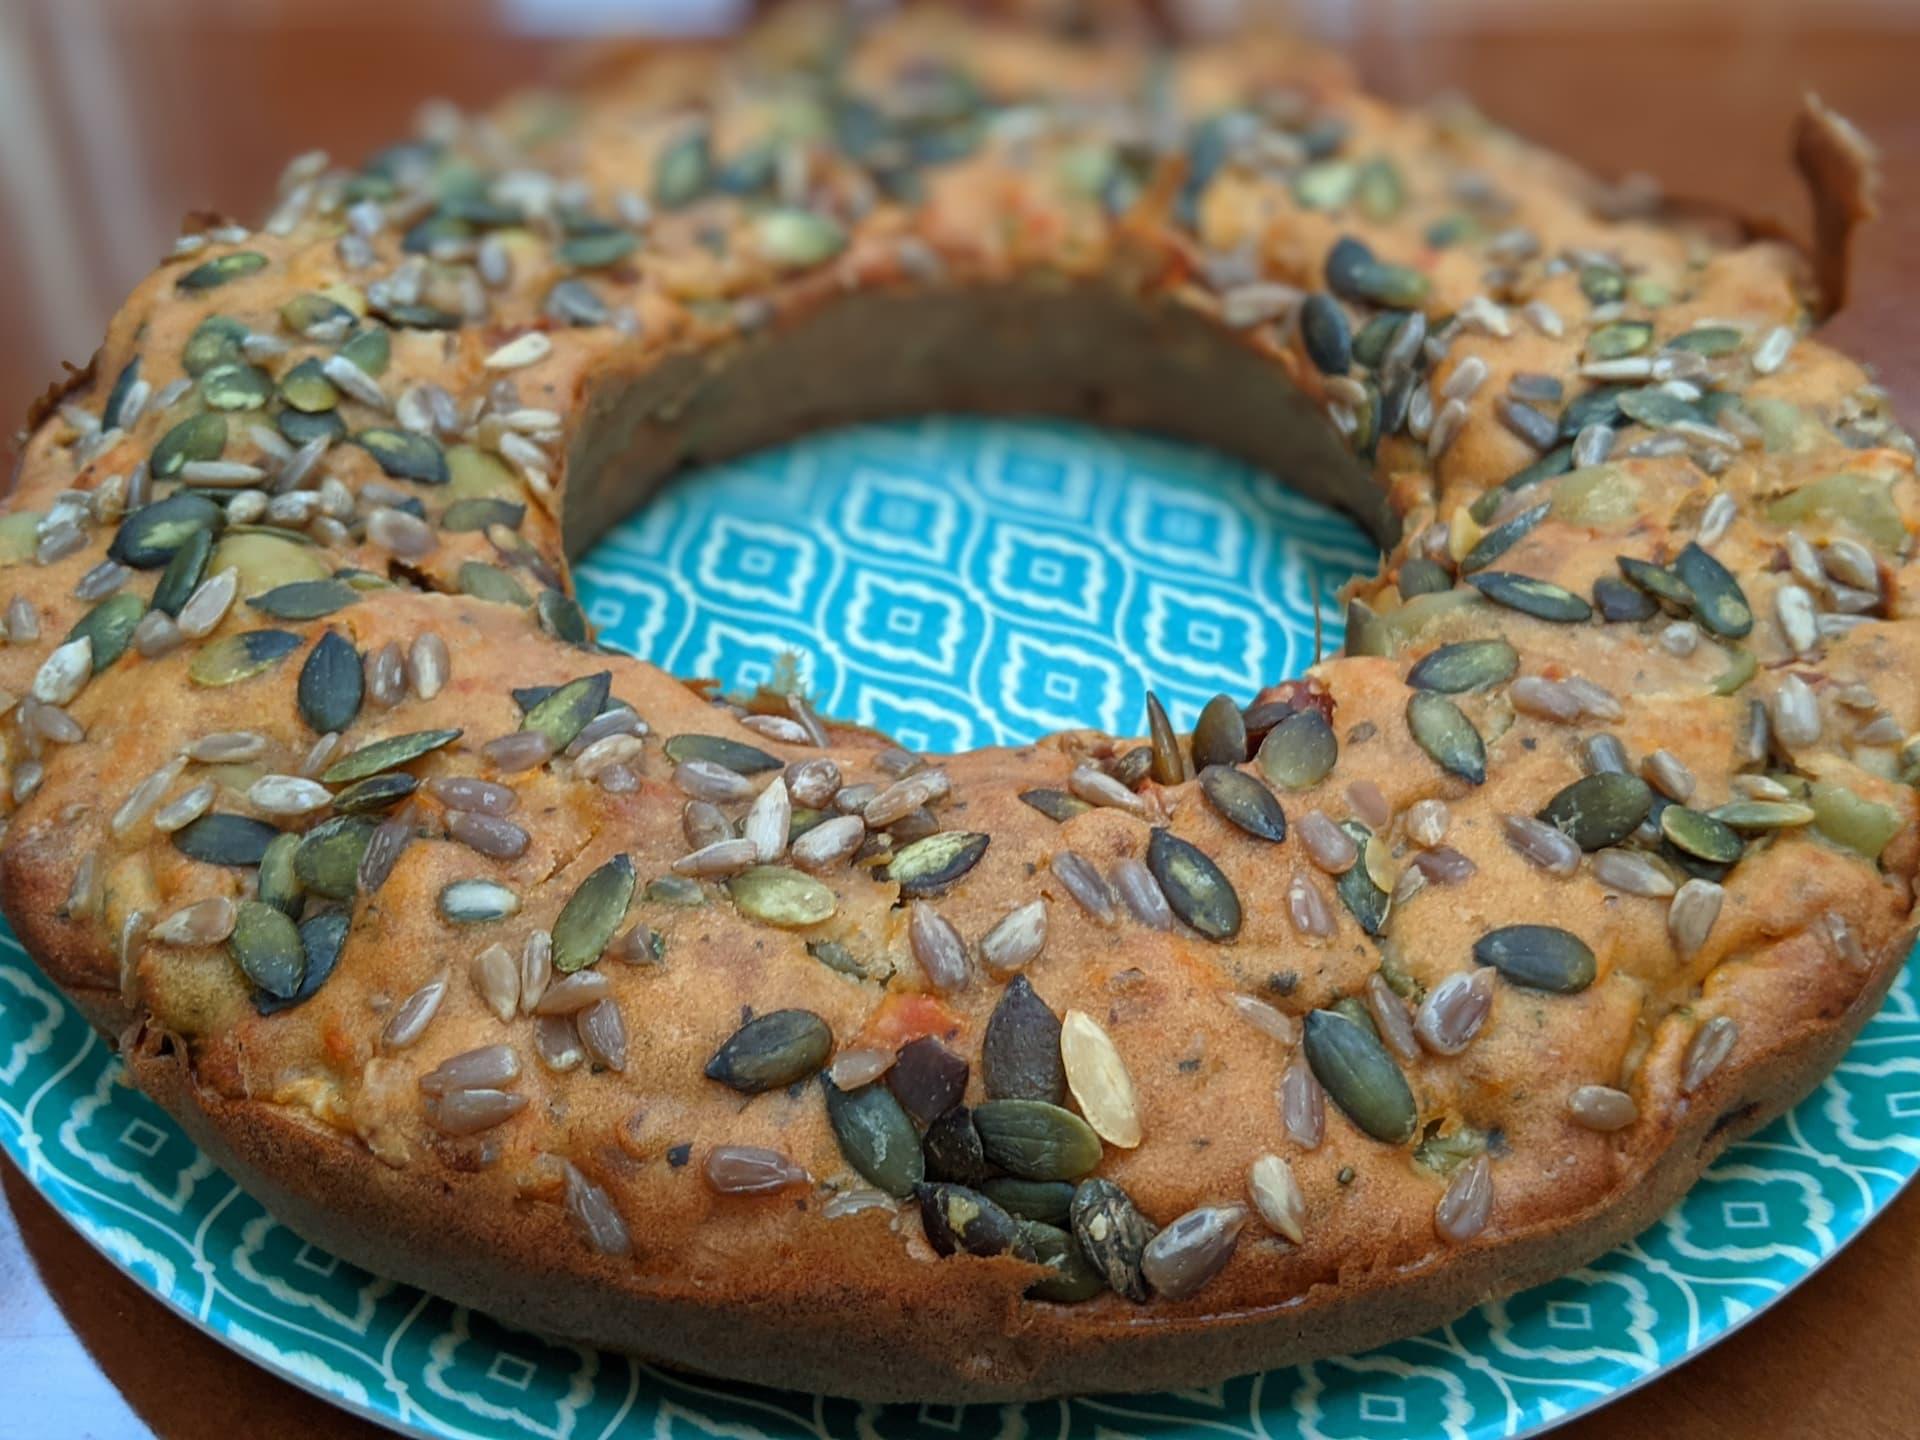 Recette de cake salé aux olives et tomates séchées au four Omnia